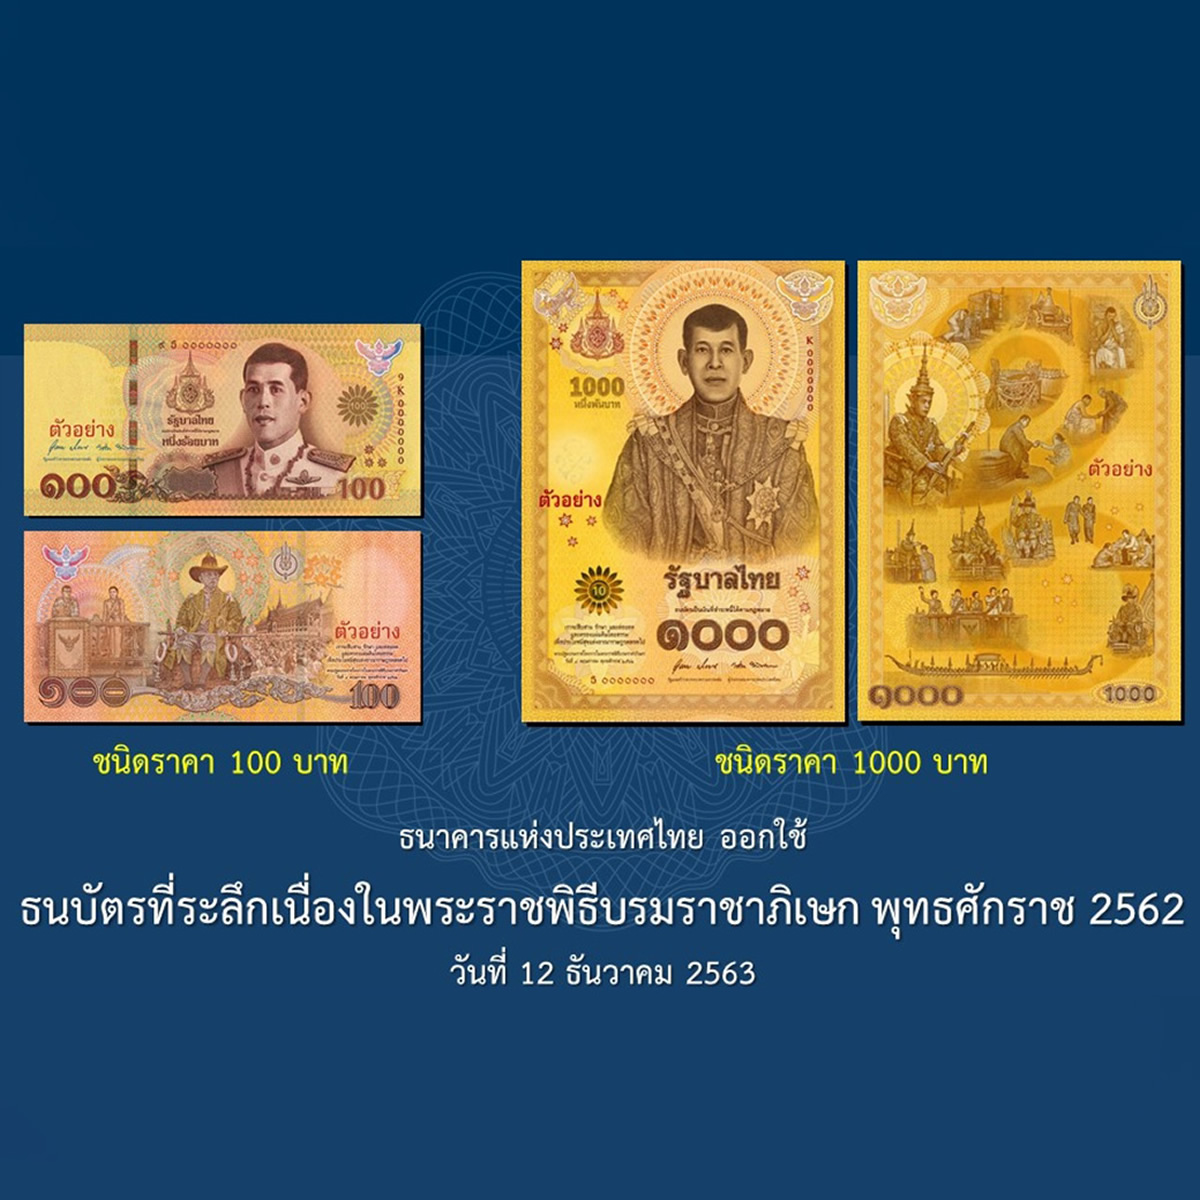 タイ:記念紙幣100バーツ札と1000バーツ札は間違えやすい?